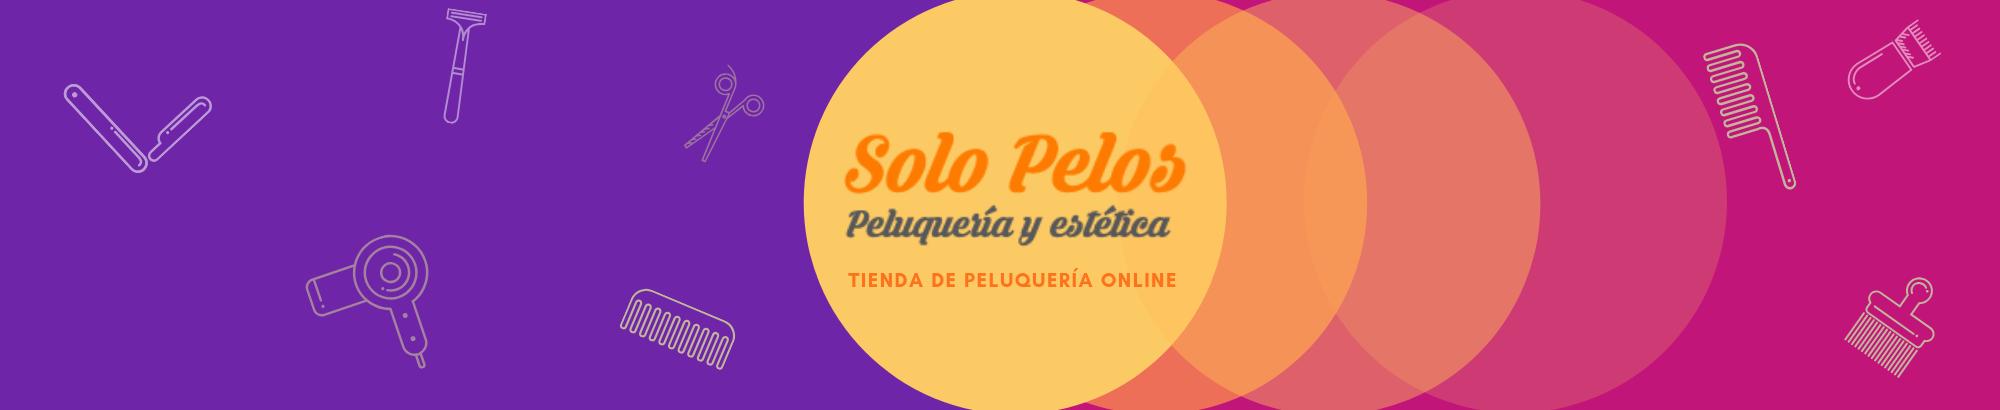 TIENDA DE PELUQUERIA ONLINE